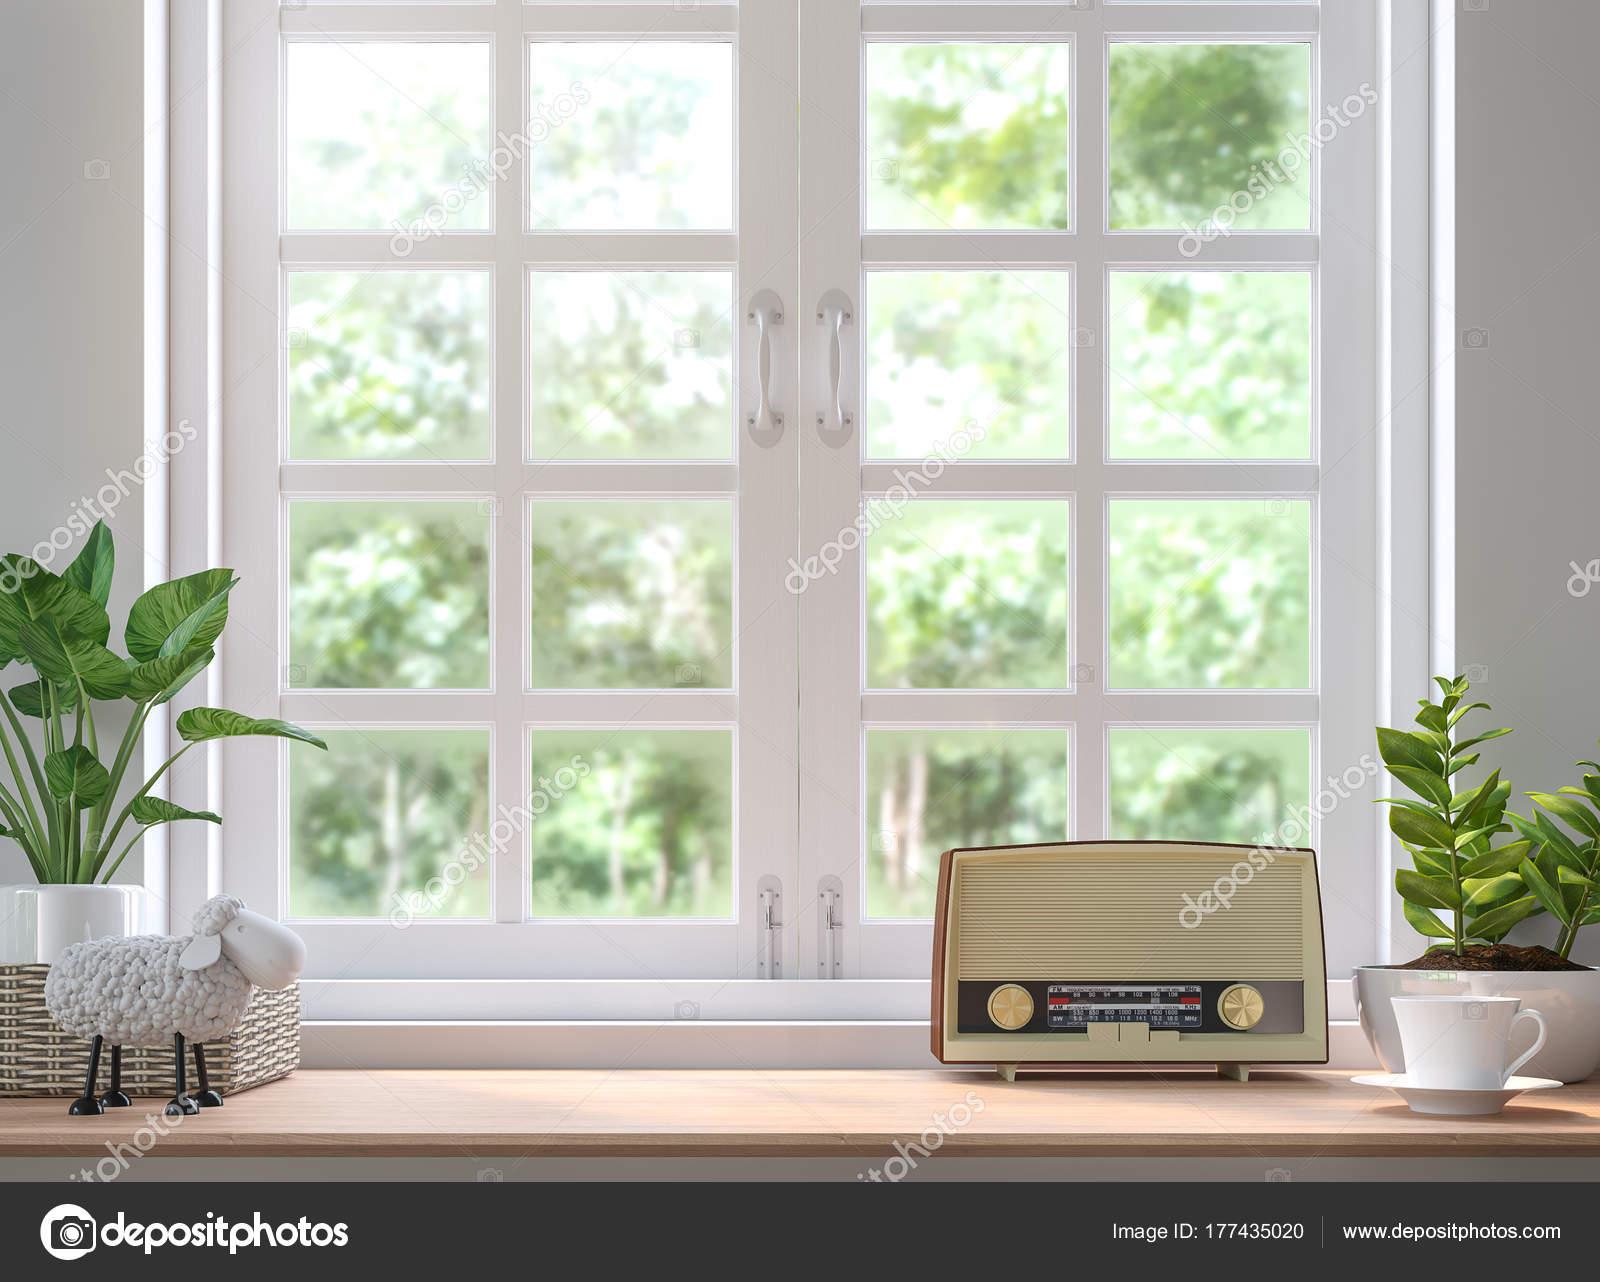 Holz Regal Befindet Sich Durch Das Fenster Render Bild Dekorieren